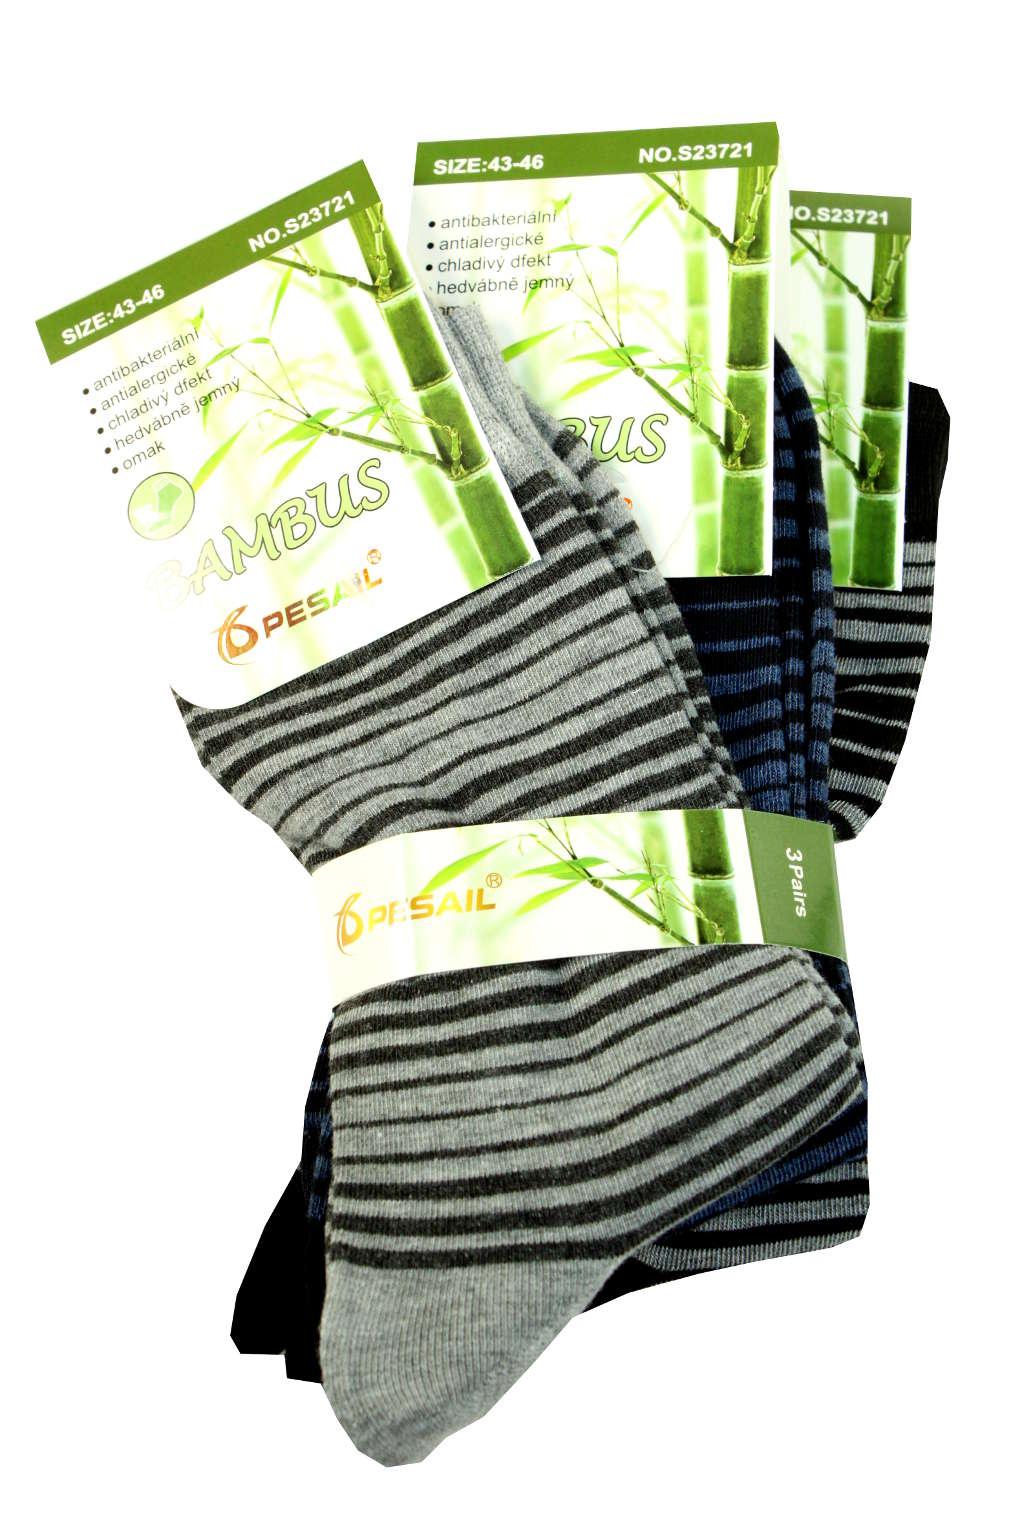 Bambus pánské ponožky - 3pack 43-46 MIX